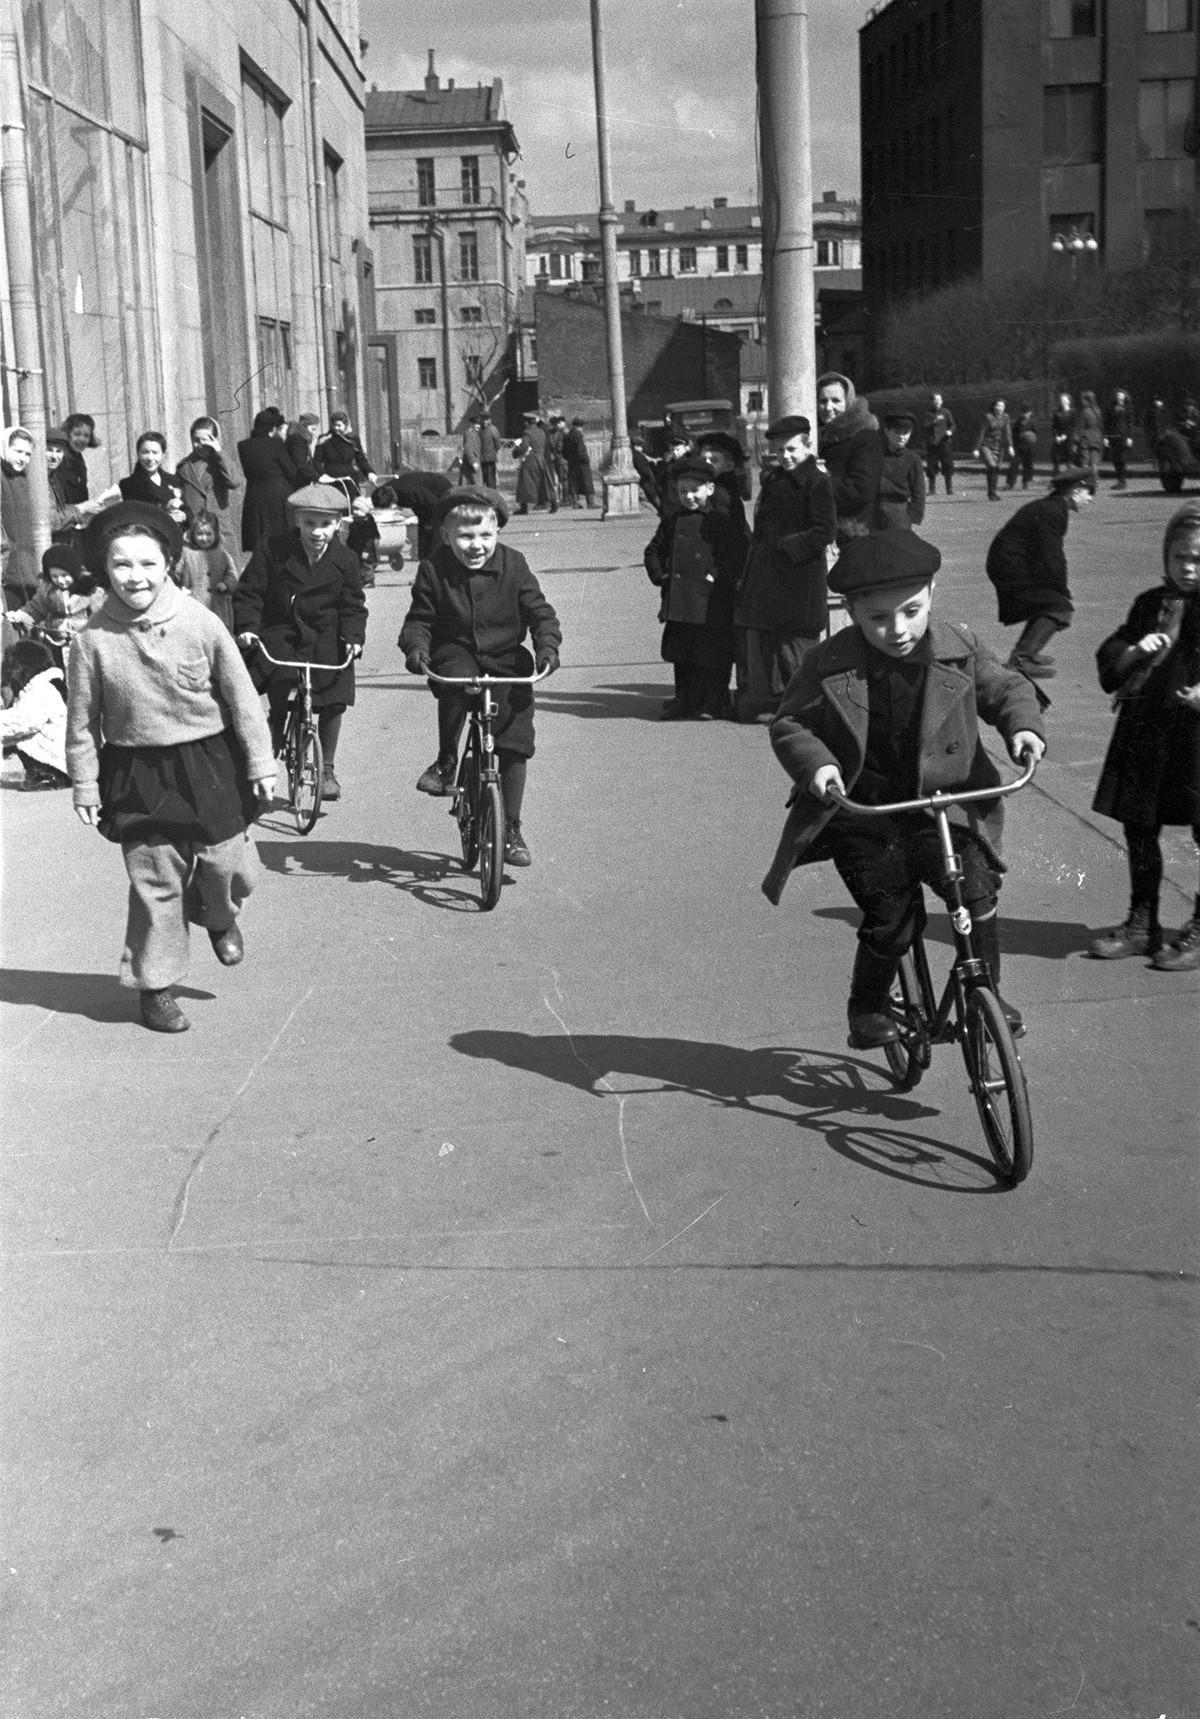 Frühling in der Stadt, 1950